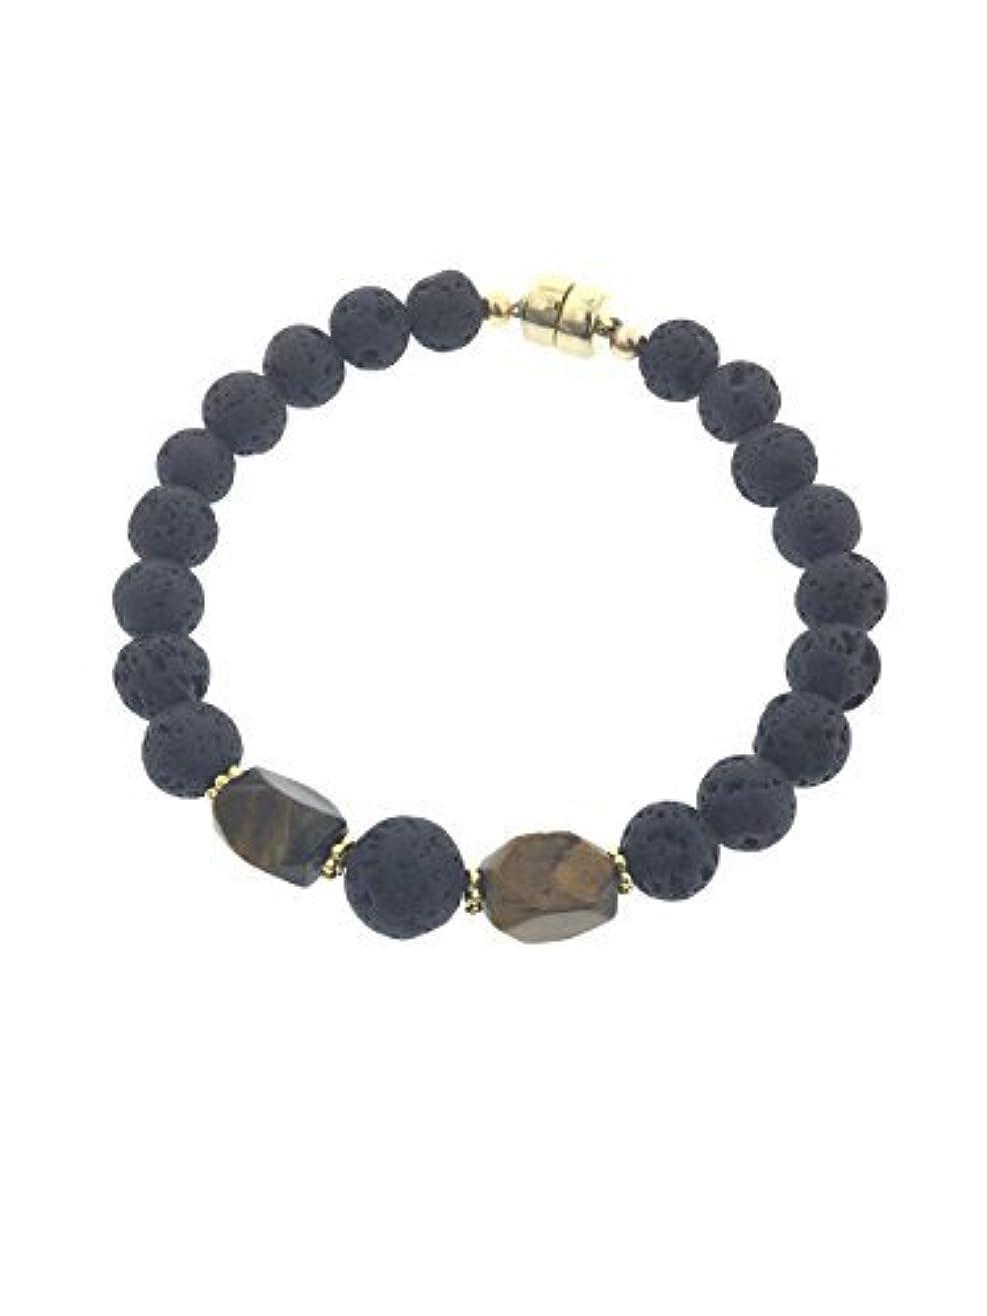 光時期尚早新聞Tiger-eye and Lava Essential Oil Diffuser Bracelet with Gold-Filled Rare Earth Magnetic Clasp - XLarge [並行輸入品]